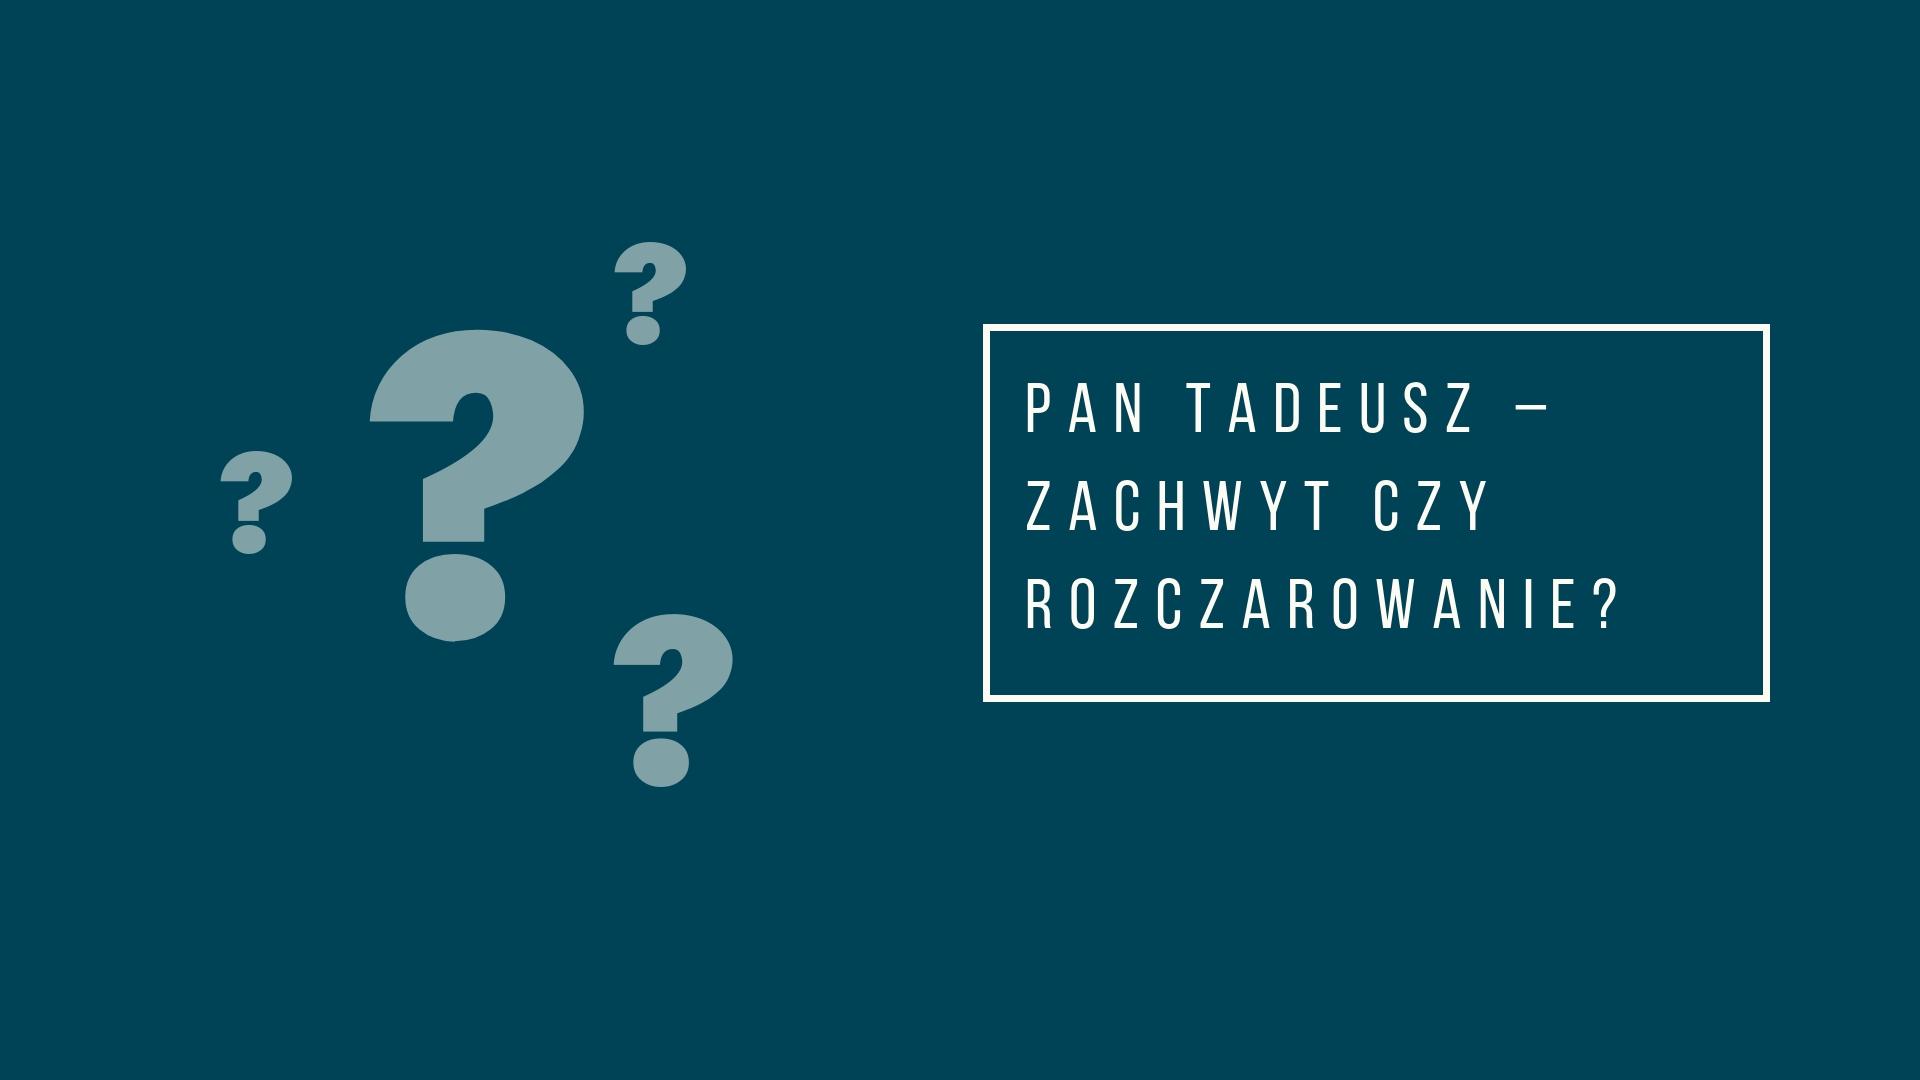 """""""Pan Tadeusz"""" – zachwyt czy rozczarowanie? Przedstaw swoje przemyślenia, porównując treść, formę, konstrukcję i język"""